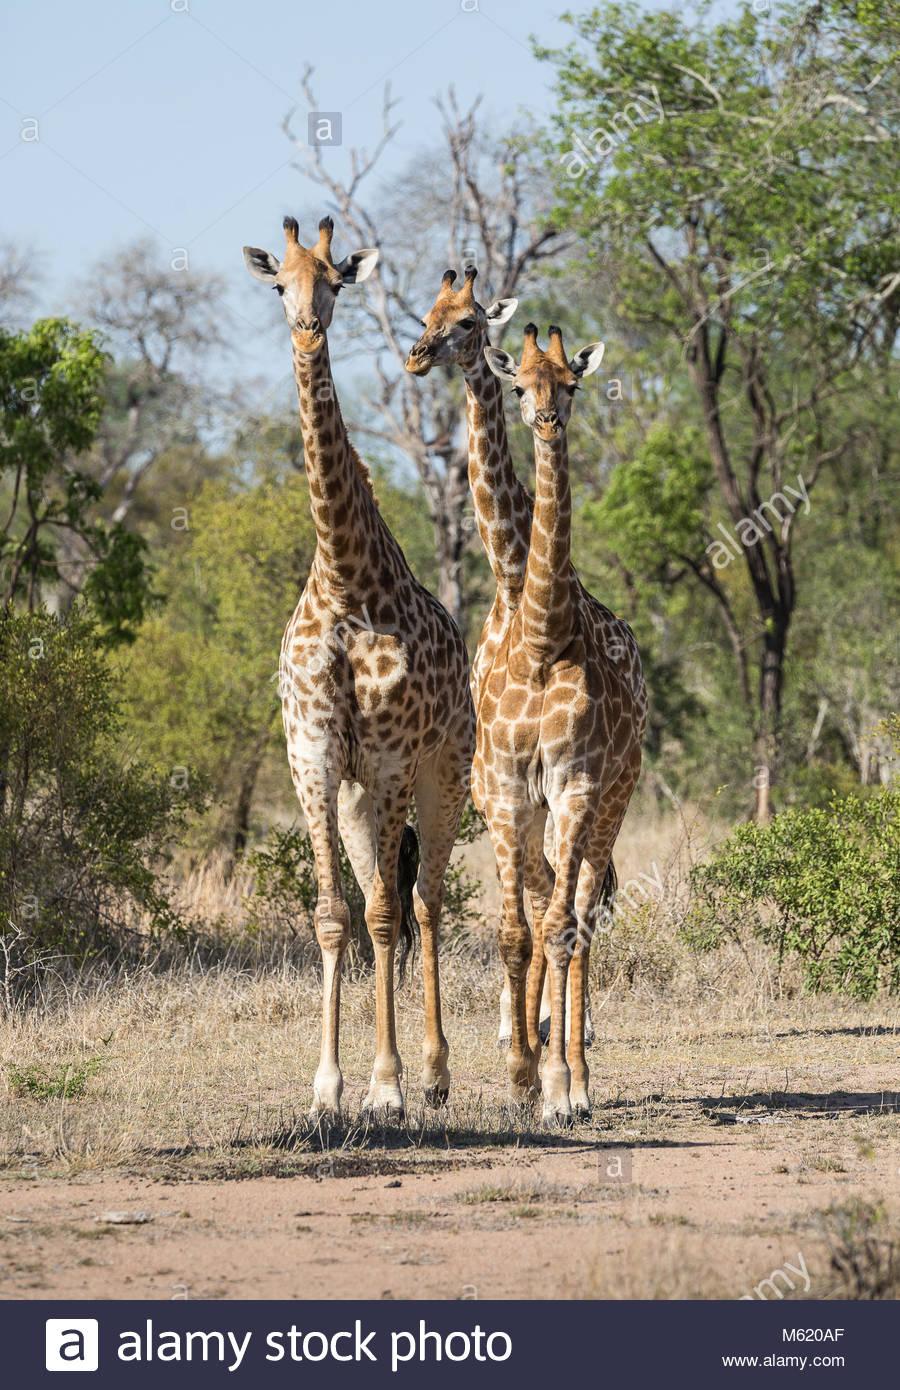 A trio of giraffes, Giraffa, on the move. - Stock Image